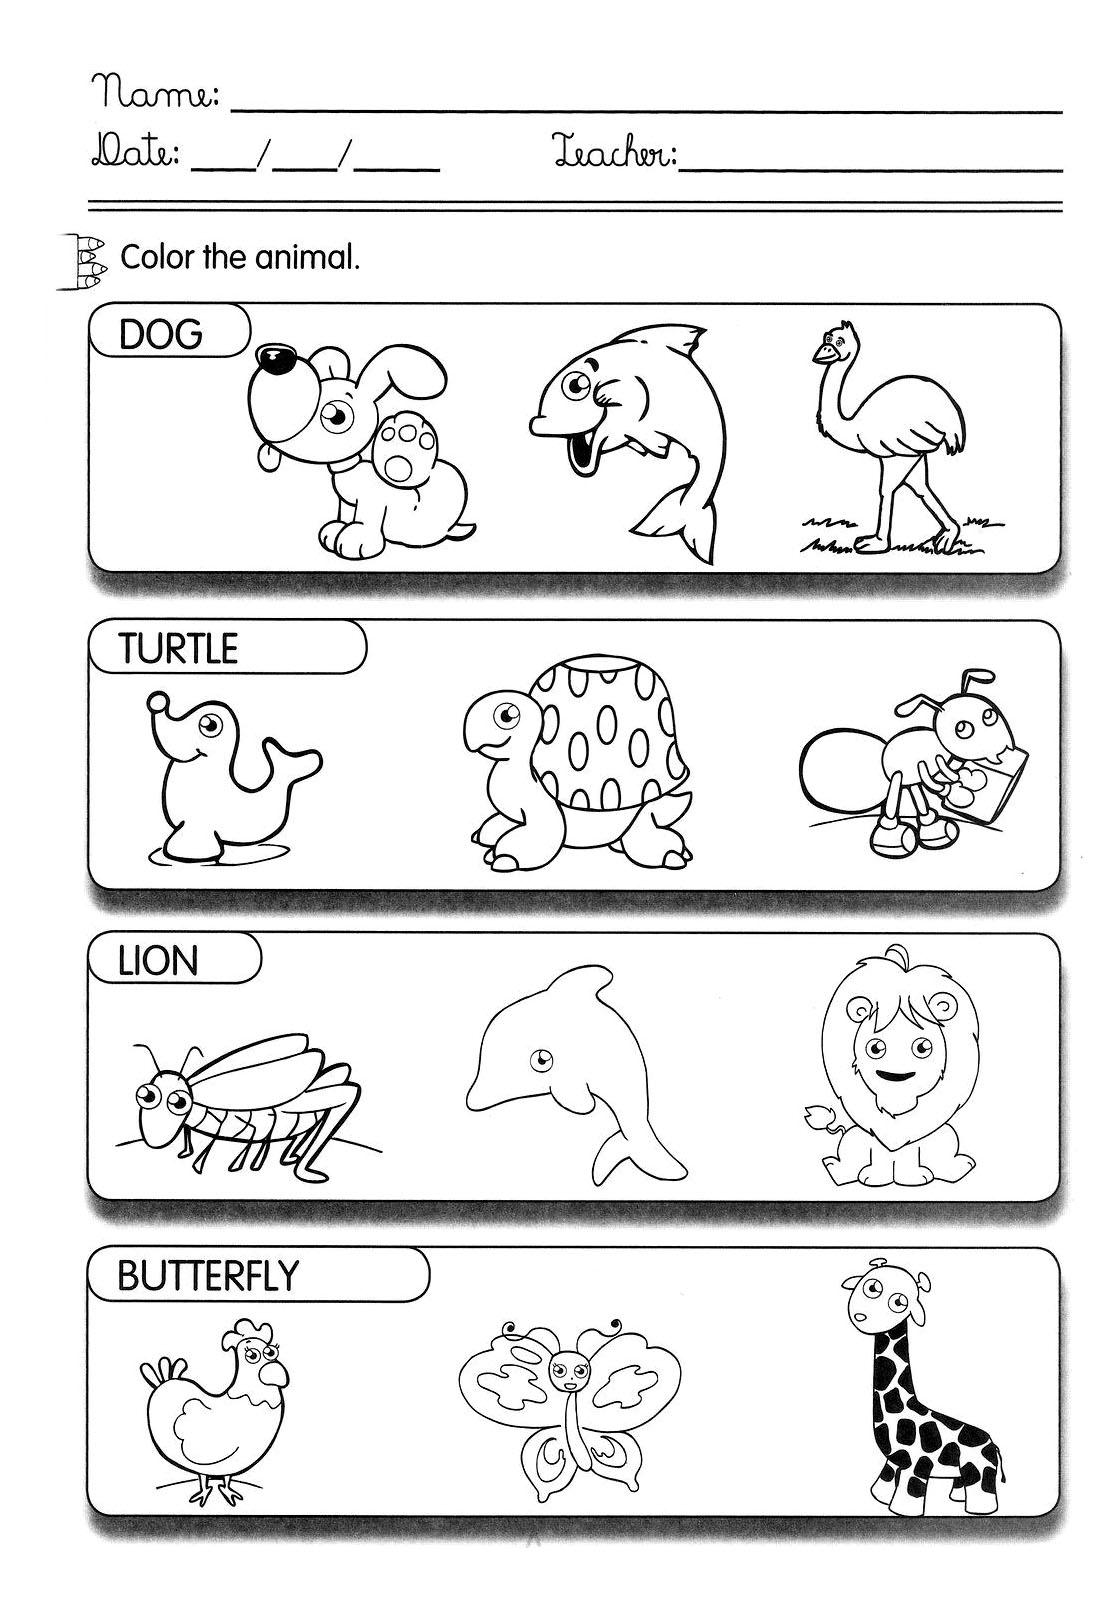 Ingles Atividades Para Series Iniciais Cantinho Do Educador Infantil